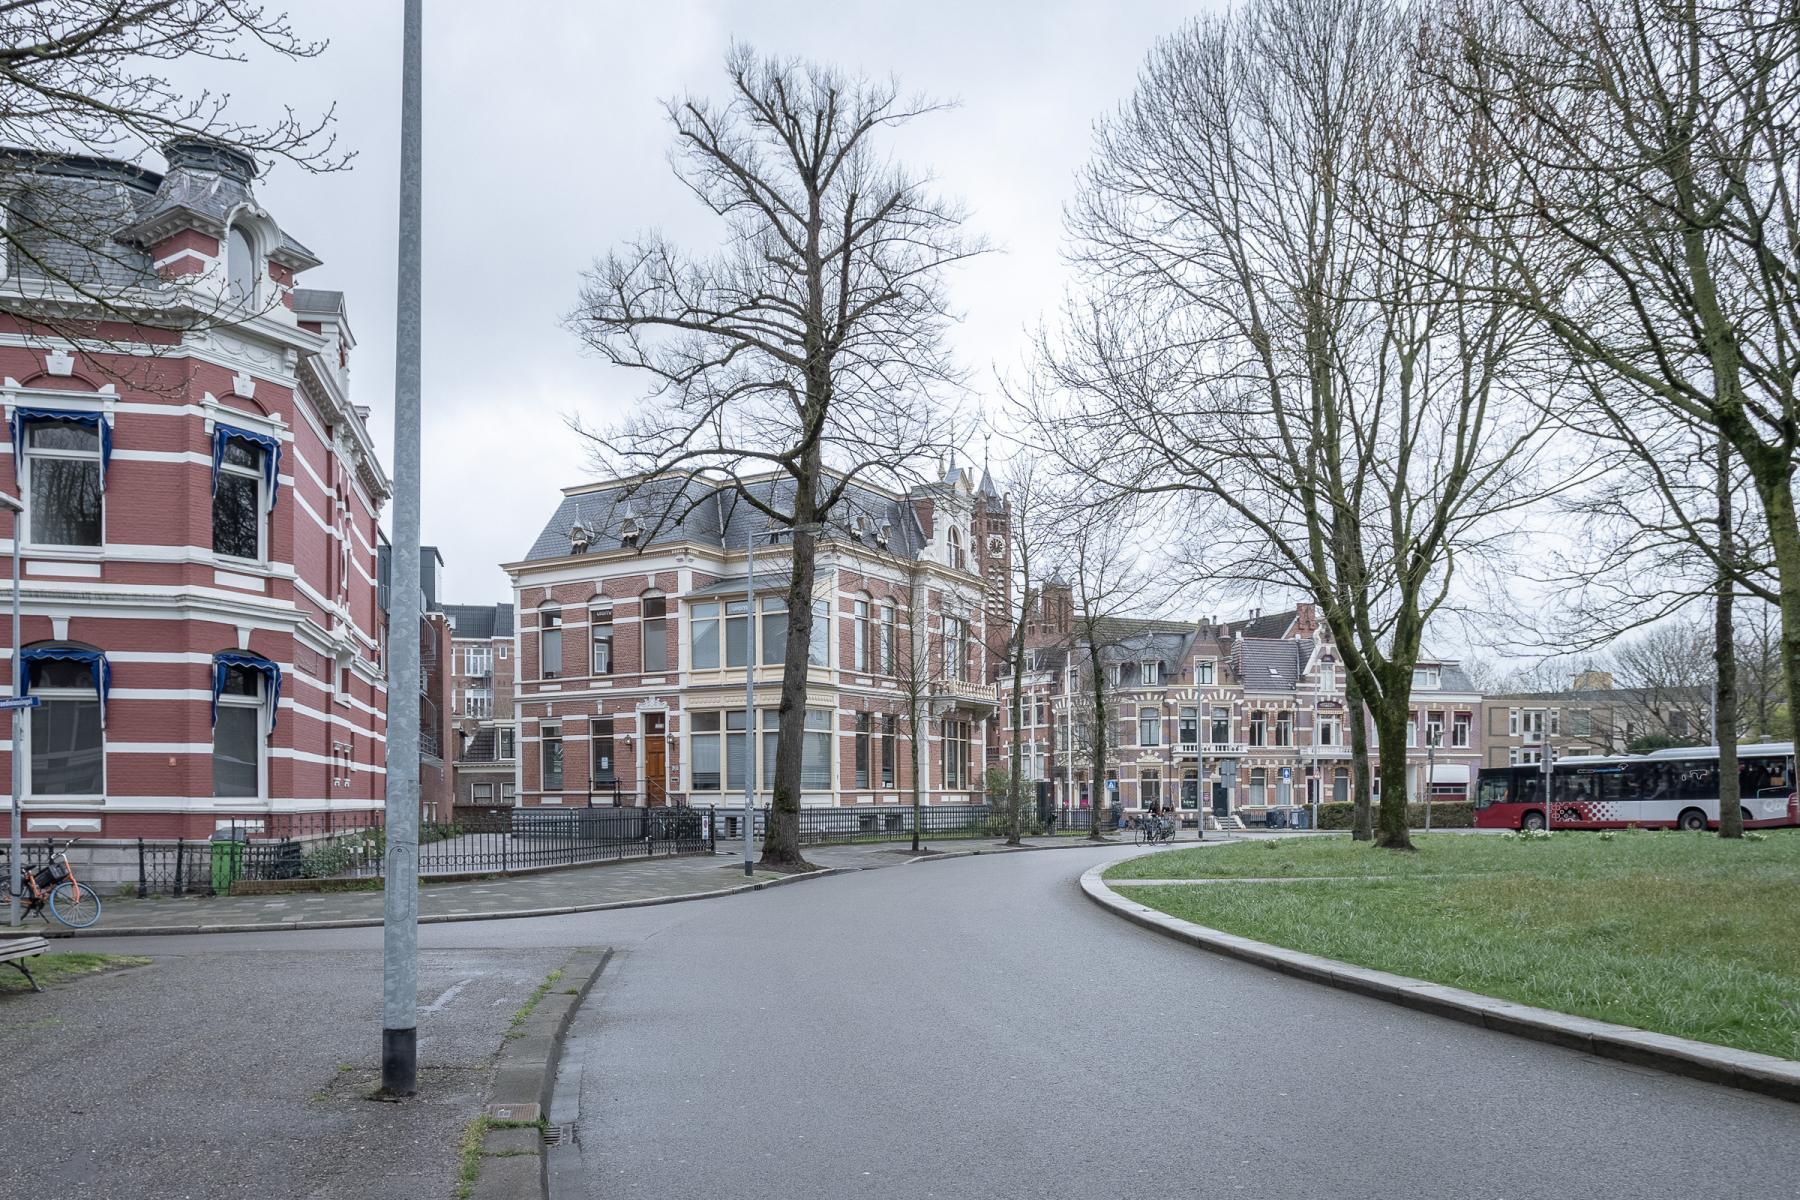 Buitenkant Groningen Emmaplein mooi uitzicht goed bereikbaar parkeerplek aanwezig